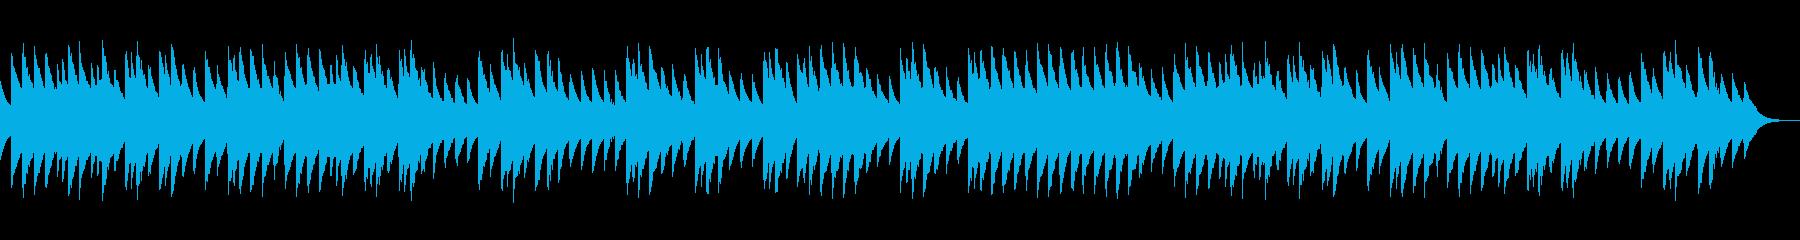 ほのぼのとした三拍子のオルゴール曲の再生済みの波形